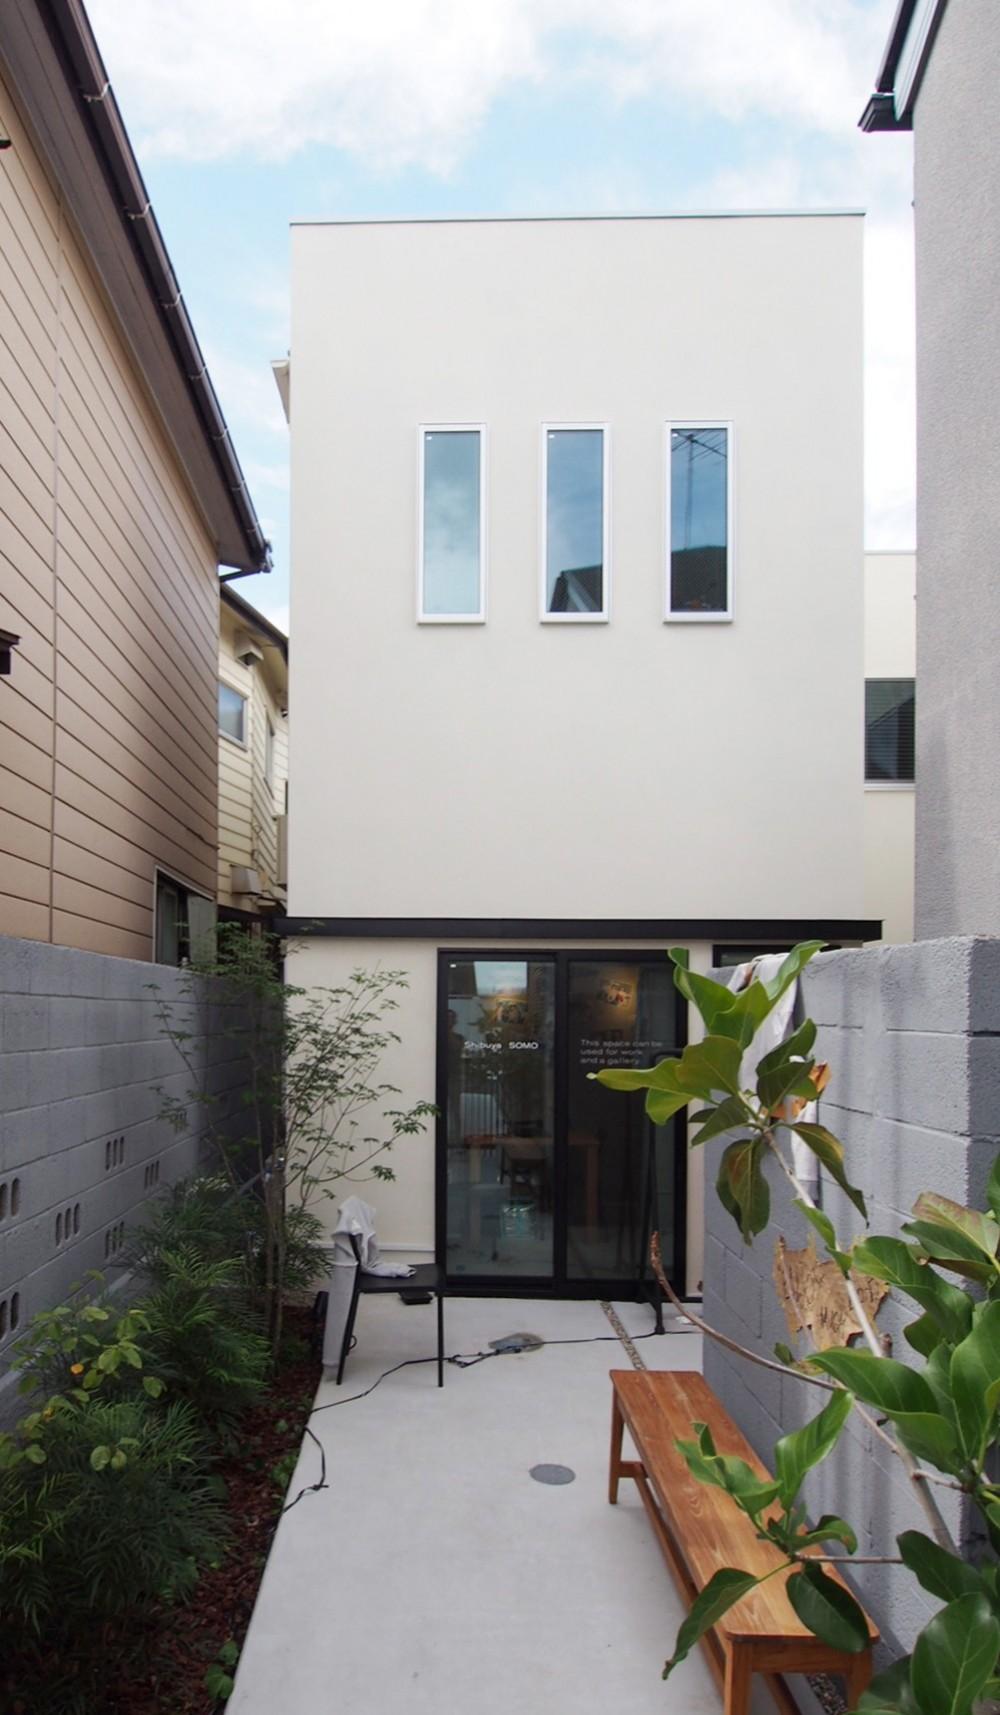 Shibuya-somo (路地状敷地を生かした外観)